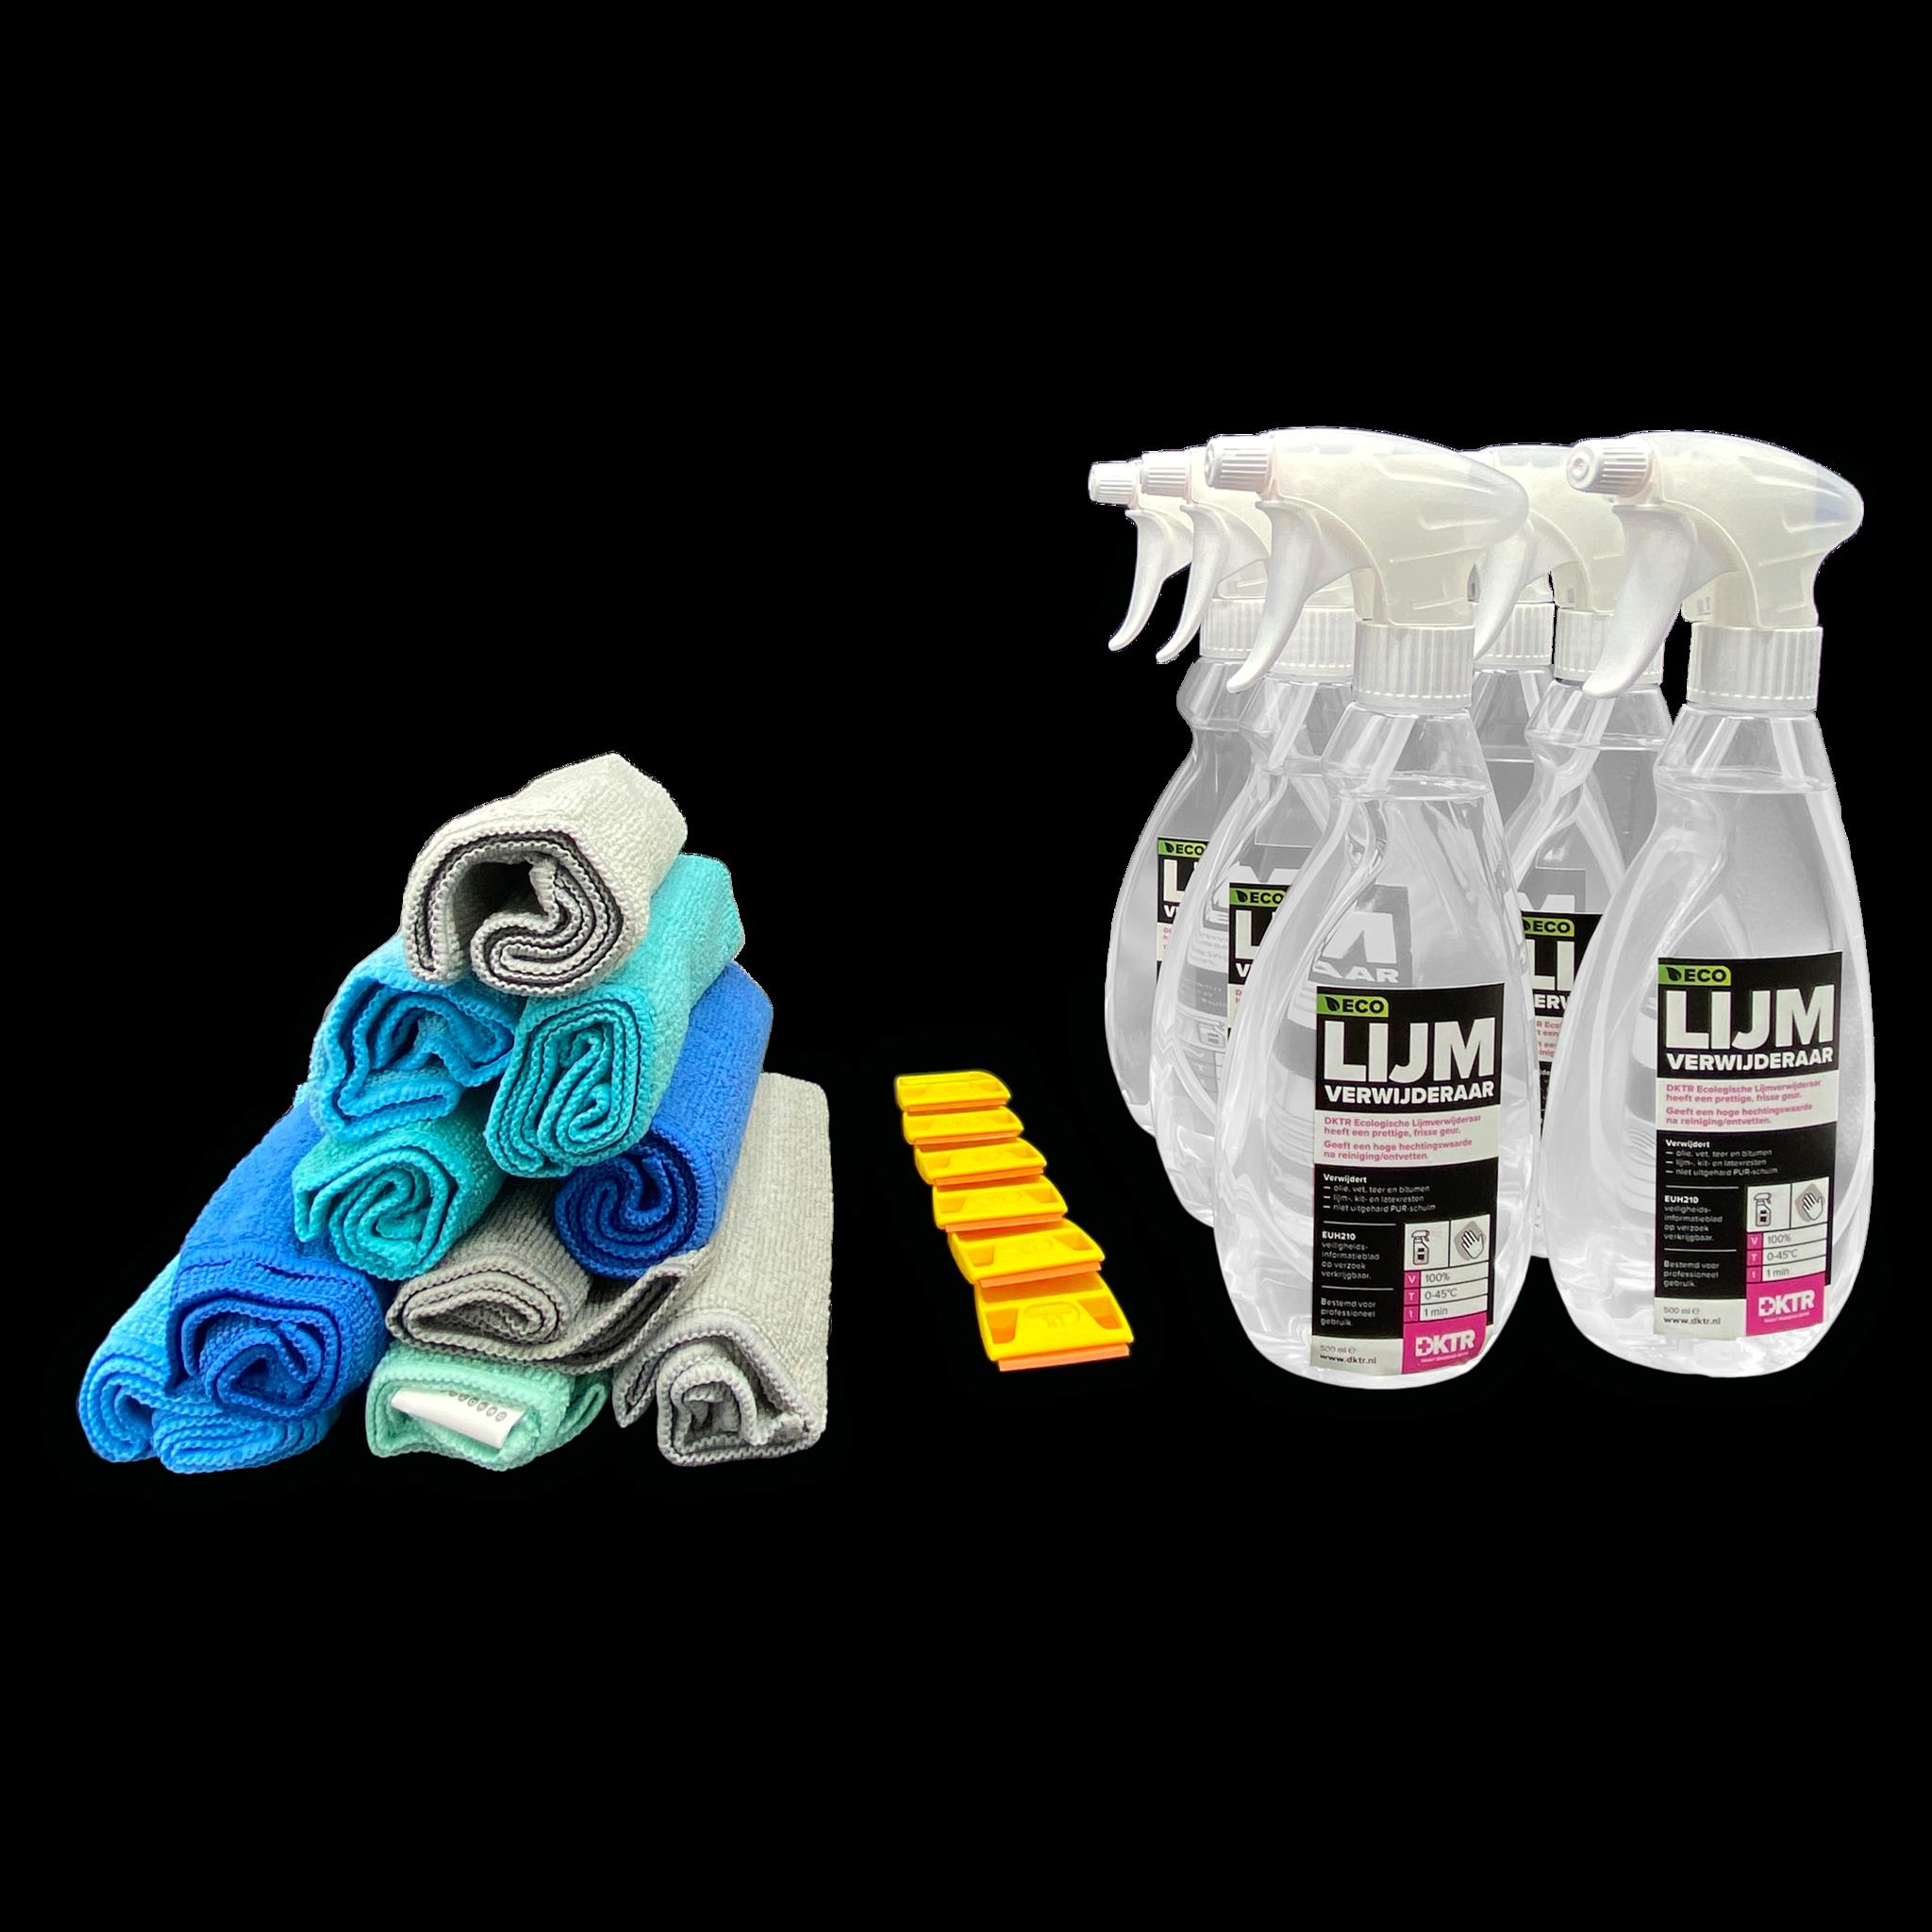 Paquete de des-adhesivo (grande): quita fácilmente los adhesivos